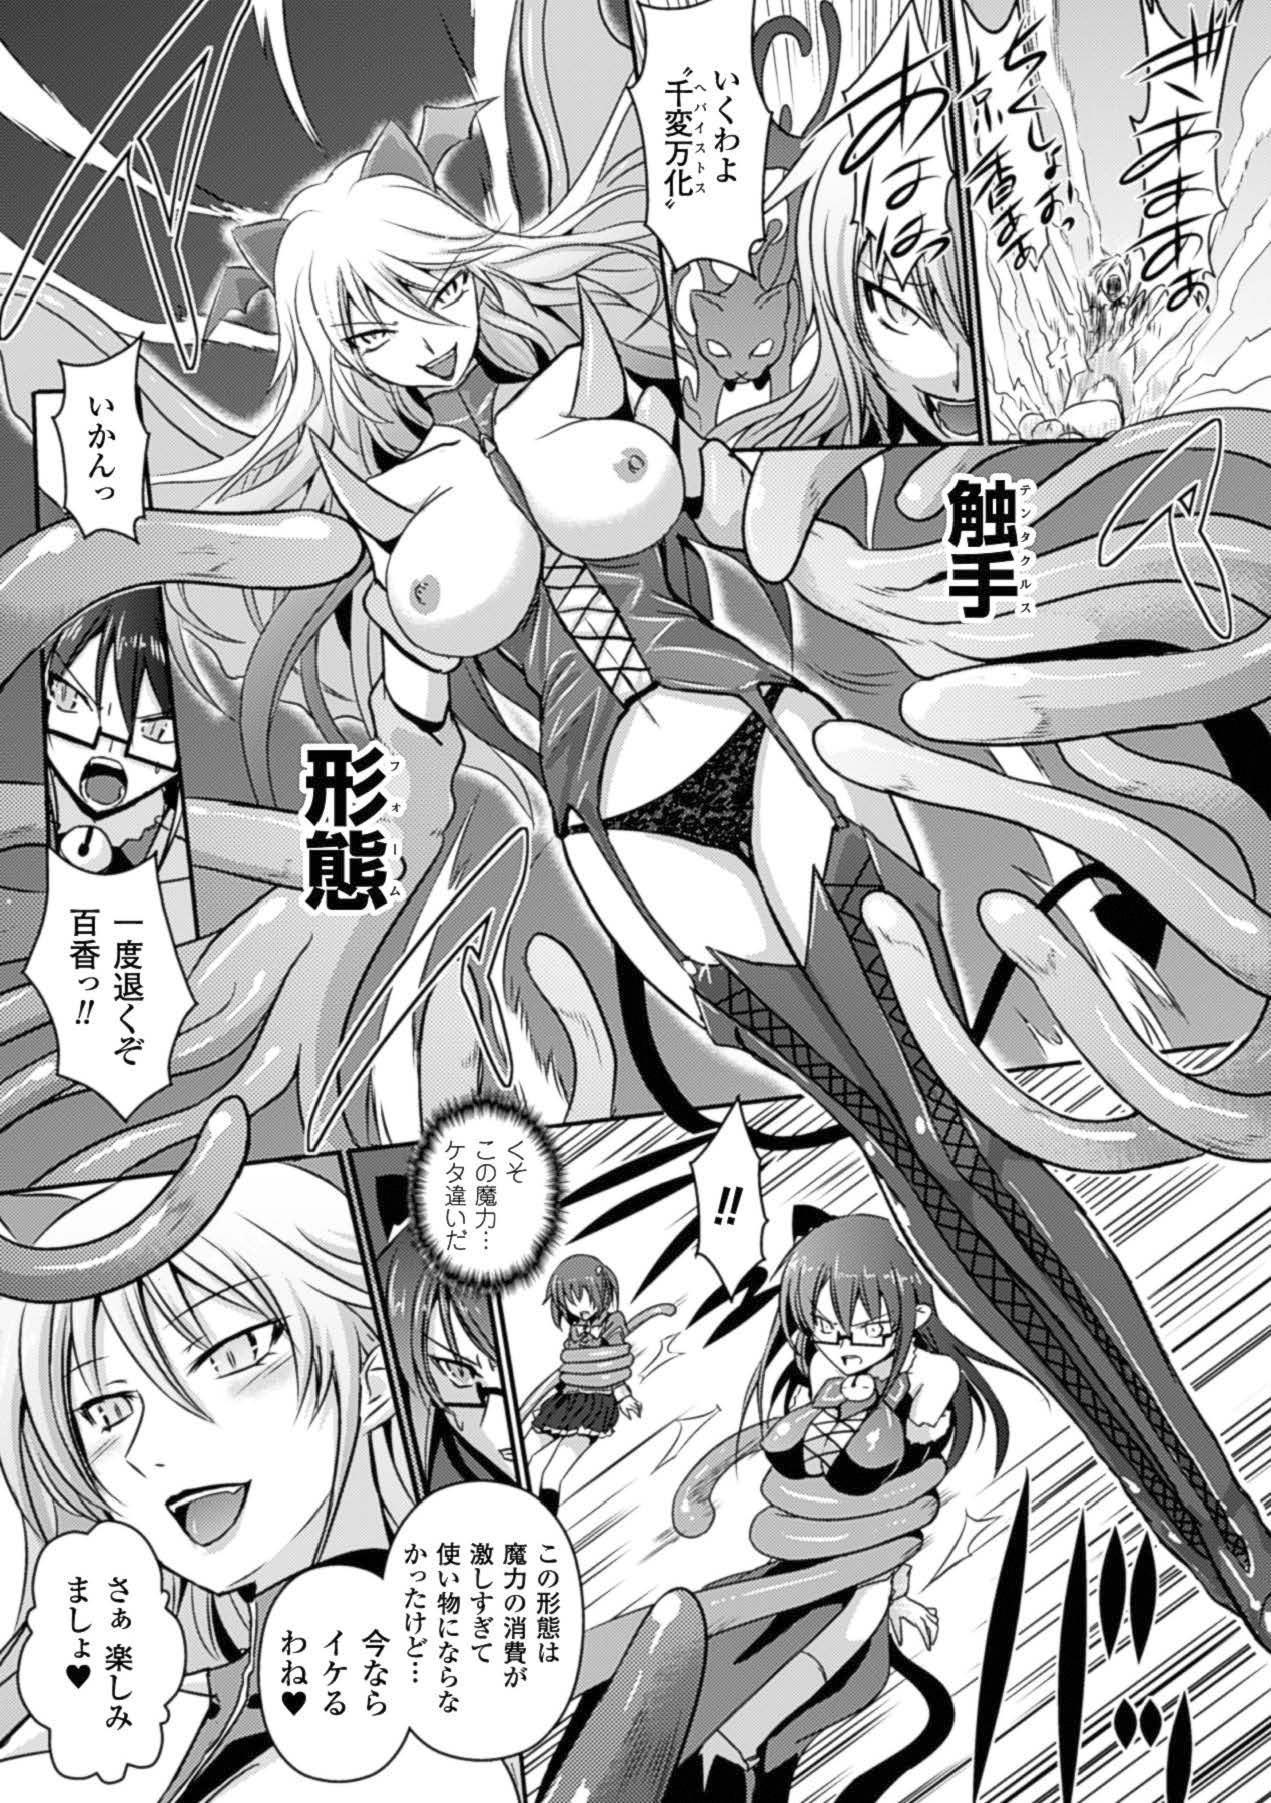 [Tokimaru Yoshihisa]Shakkou no Anti-Genesis Ch. 1-7 130